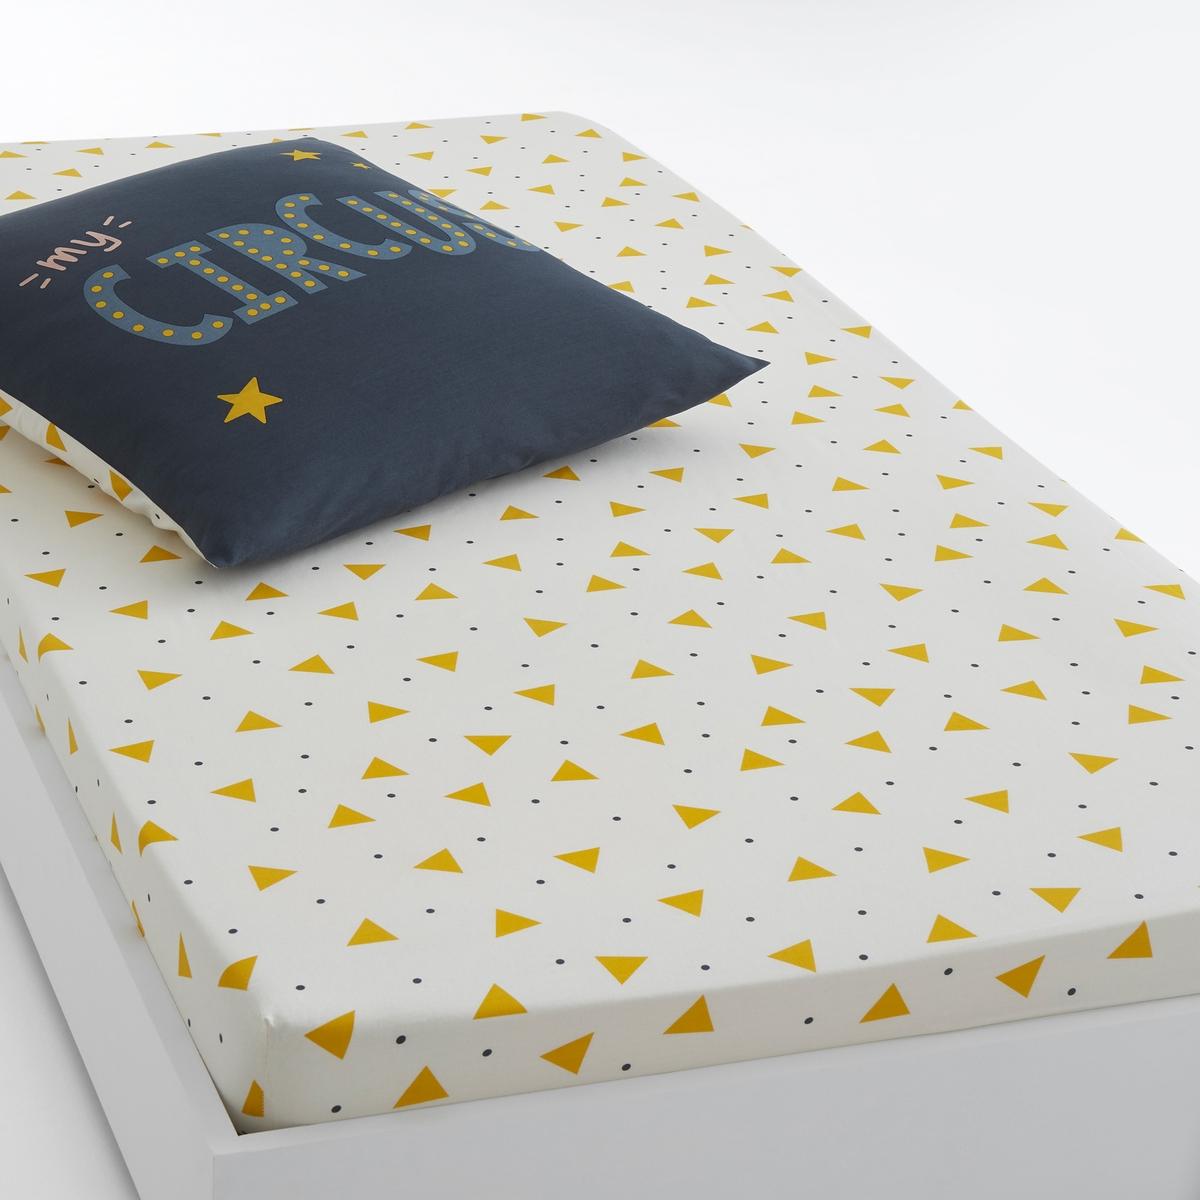 Простыня натяжная с рисунком, FUNAMBULEХарактеристики натяжной простыни Funambule :Рисунок в виде маленьких треугольников желтого цвета.100% хлопок, 57 нитей/см? : чем больше нитей/см?, тем выше качество материала.Машинная стирка при 60 °С.Всю коллекцию постельного белья Funambule вы можете найти на сайте la redoute.ru Знак Oeko-Tex® гарантирует, что товары прошли проверку и были изготовлены без применения вредных для здоровья человека веществ.Размер:90 x 190 см : 1-сп<br><br>Цвет: желтый